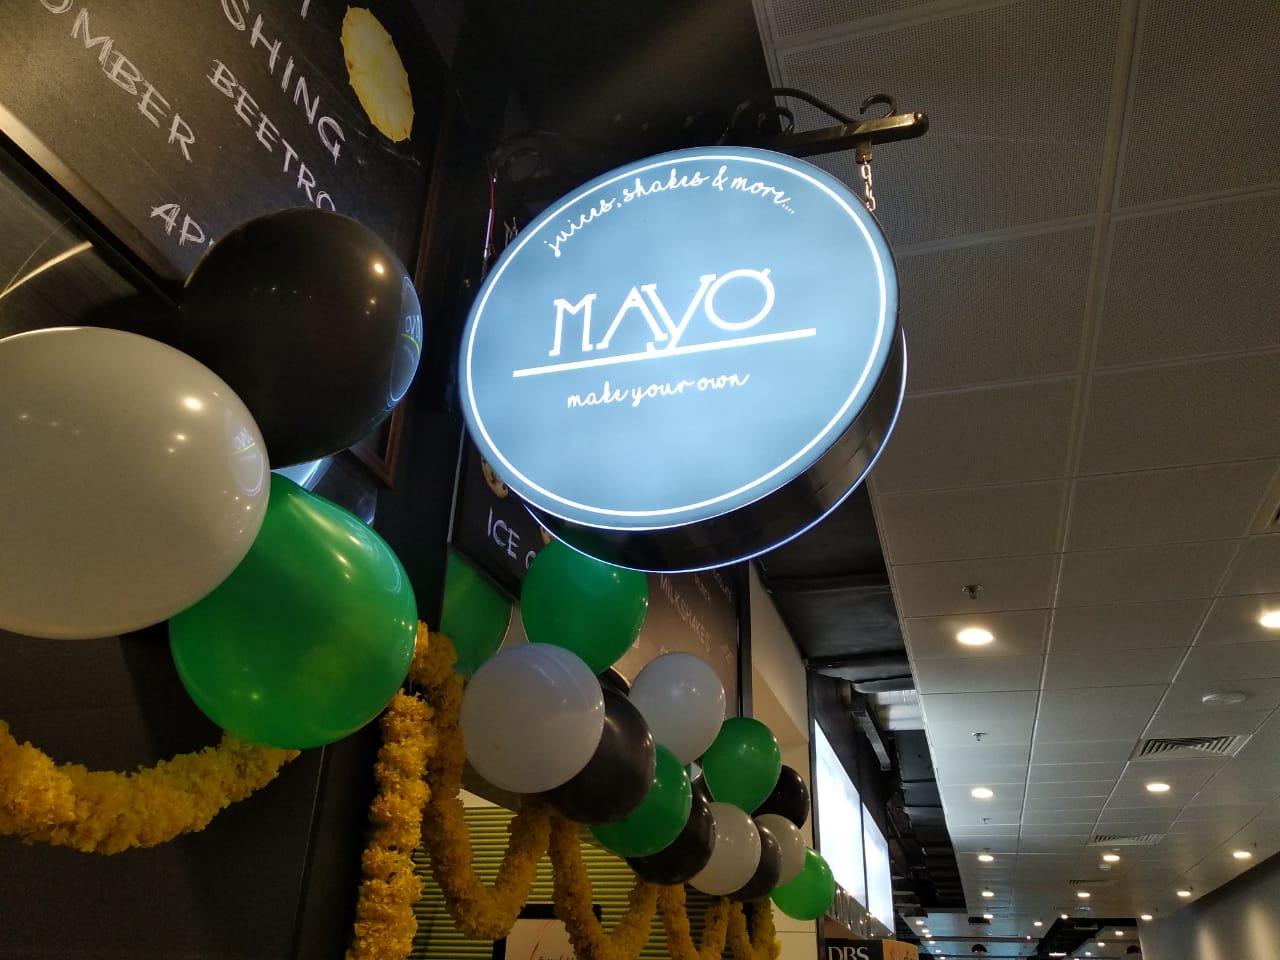 Mayo Design by Tasko